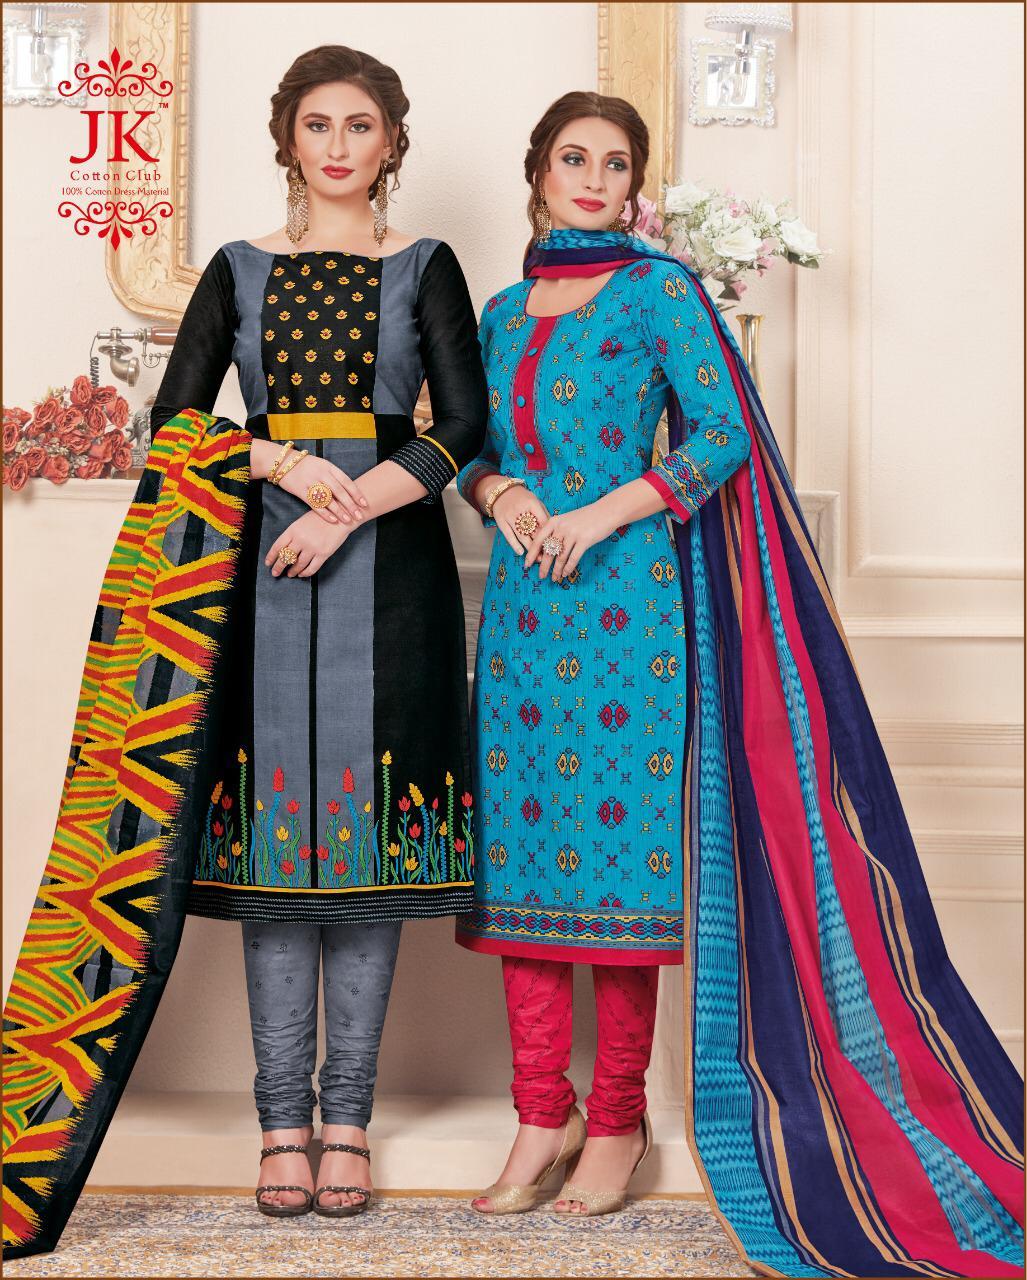 Jk Cotton Club Simran Vol 8 Designer Cotton Suits Wholesale